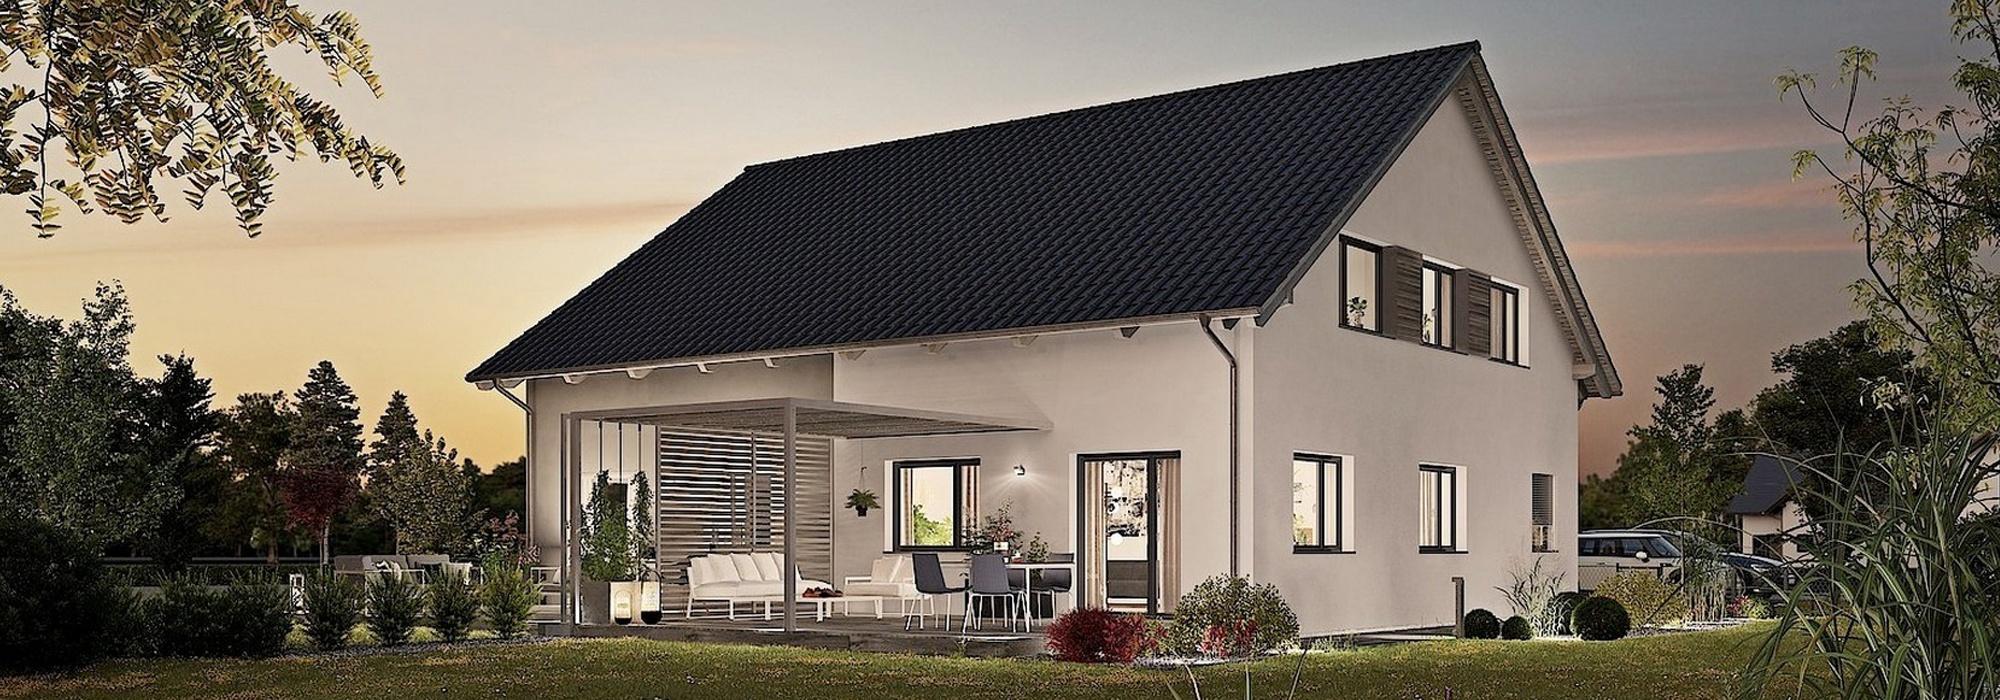 Проекты СИП домов